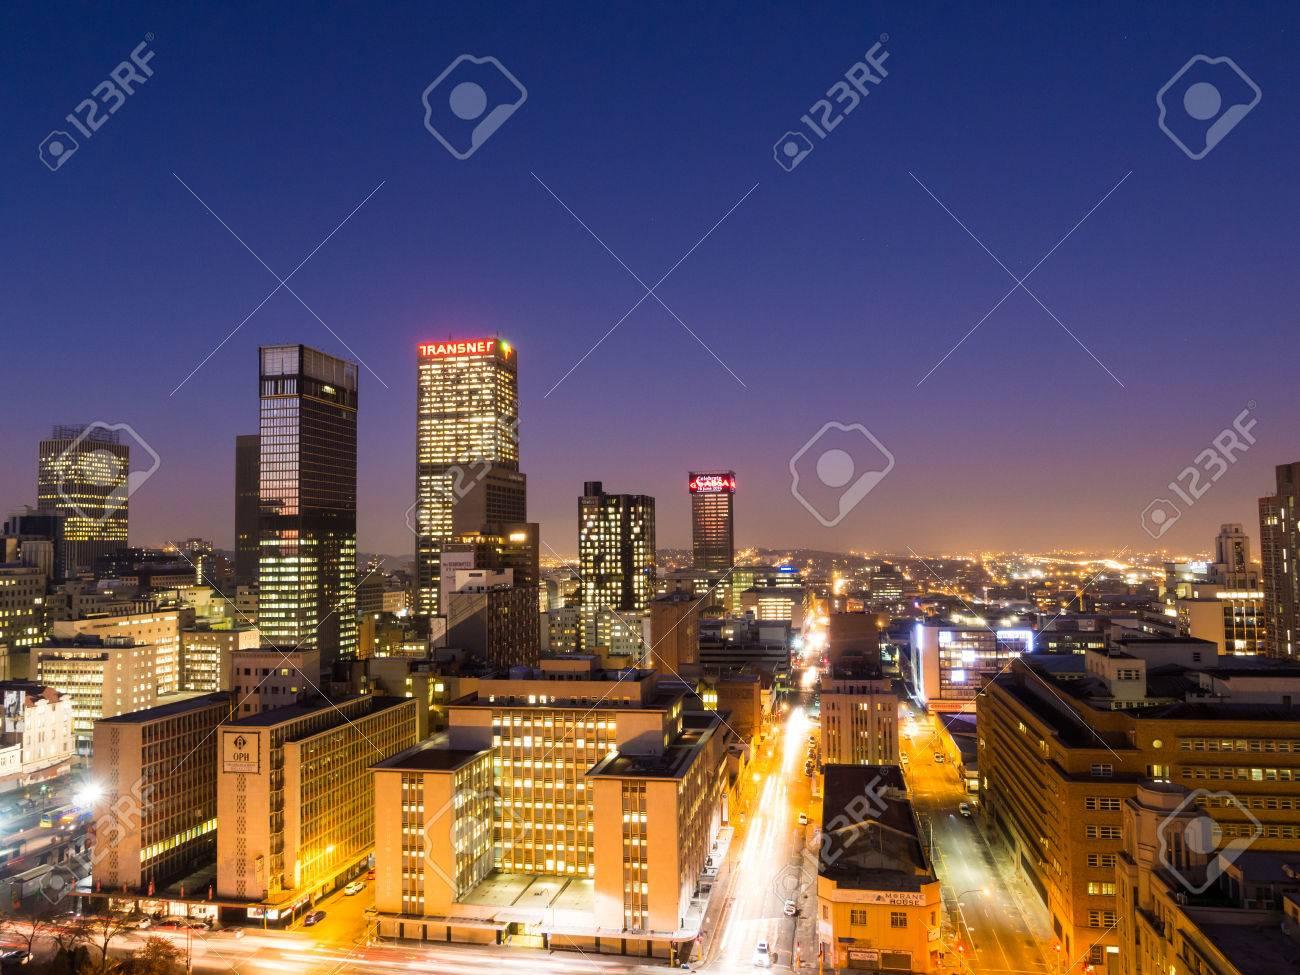 ヨハネスブルグ、南アフリカ - 2016 年 6 月 15 日: ヨハネスブルグの ...